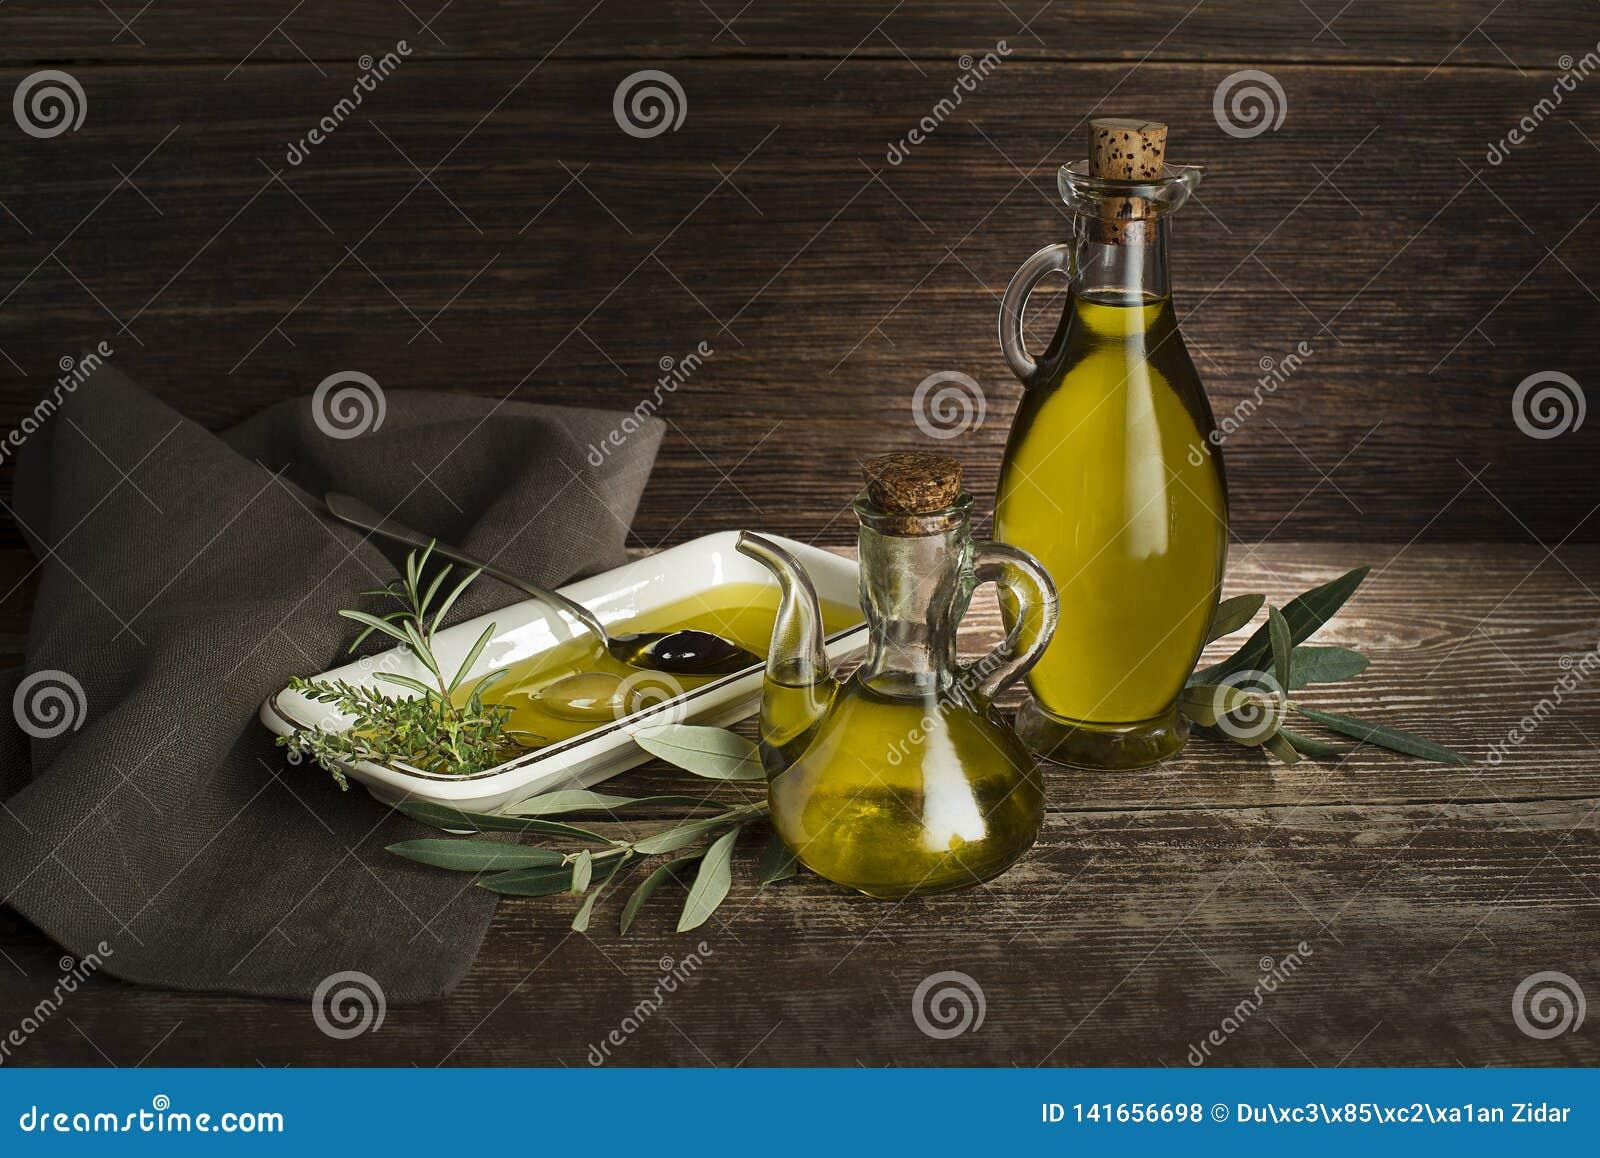 Garrafa de Olive Oil com ervas